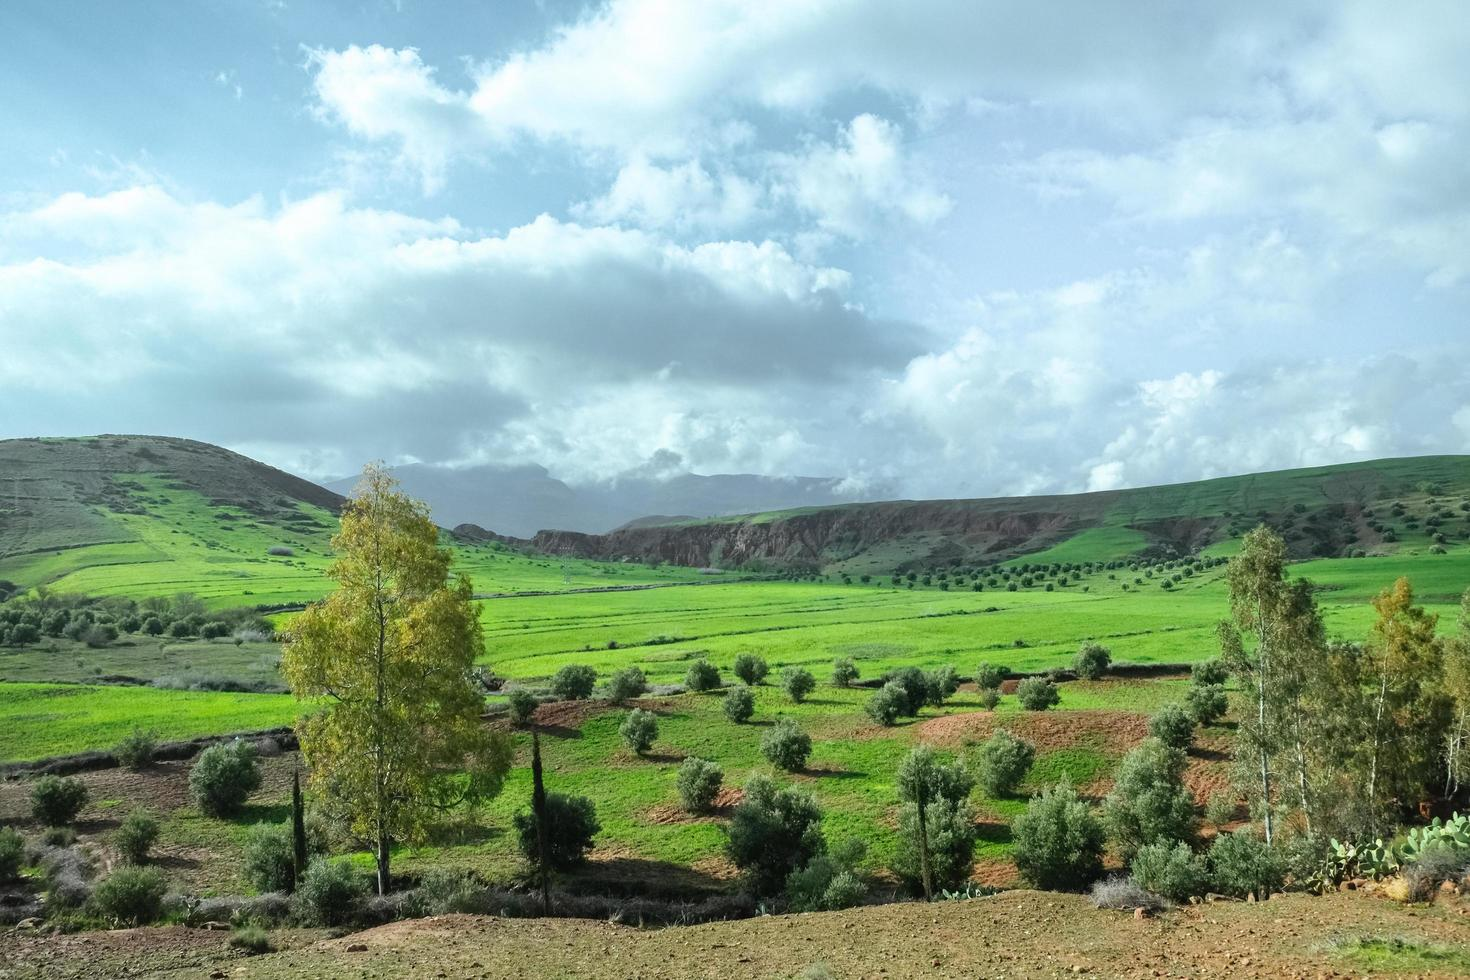 Landschaftsansicht des Feldfruchtfeldes in Marokko foto